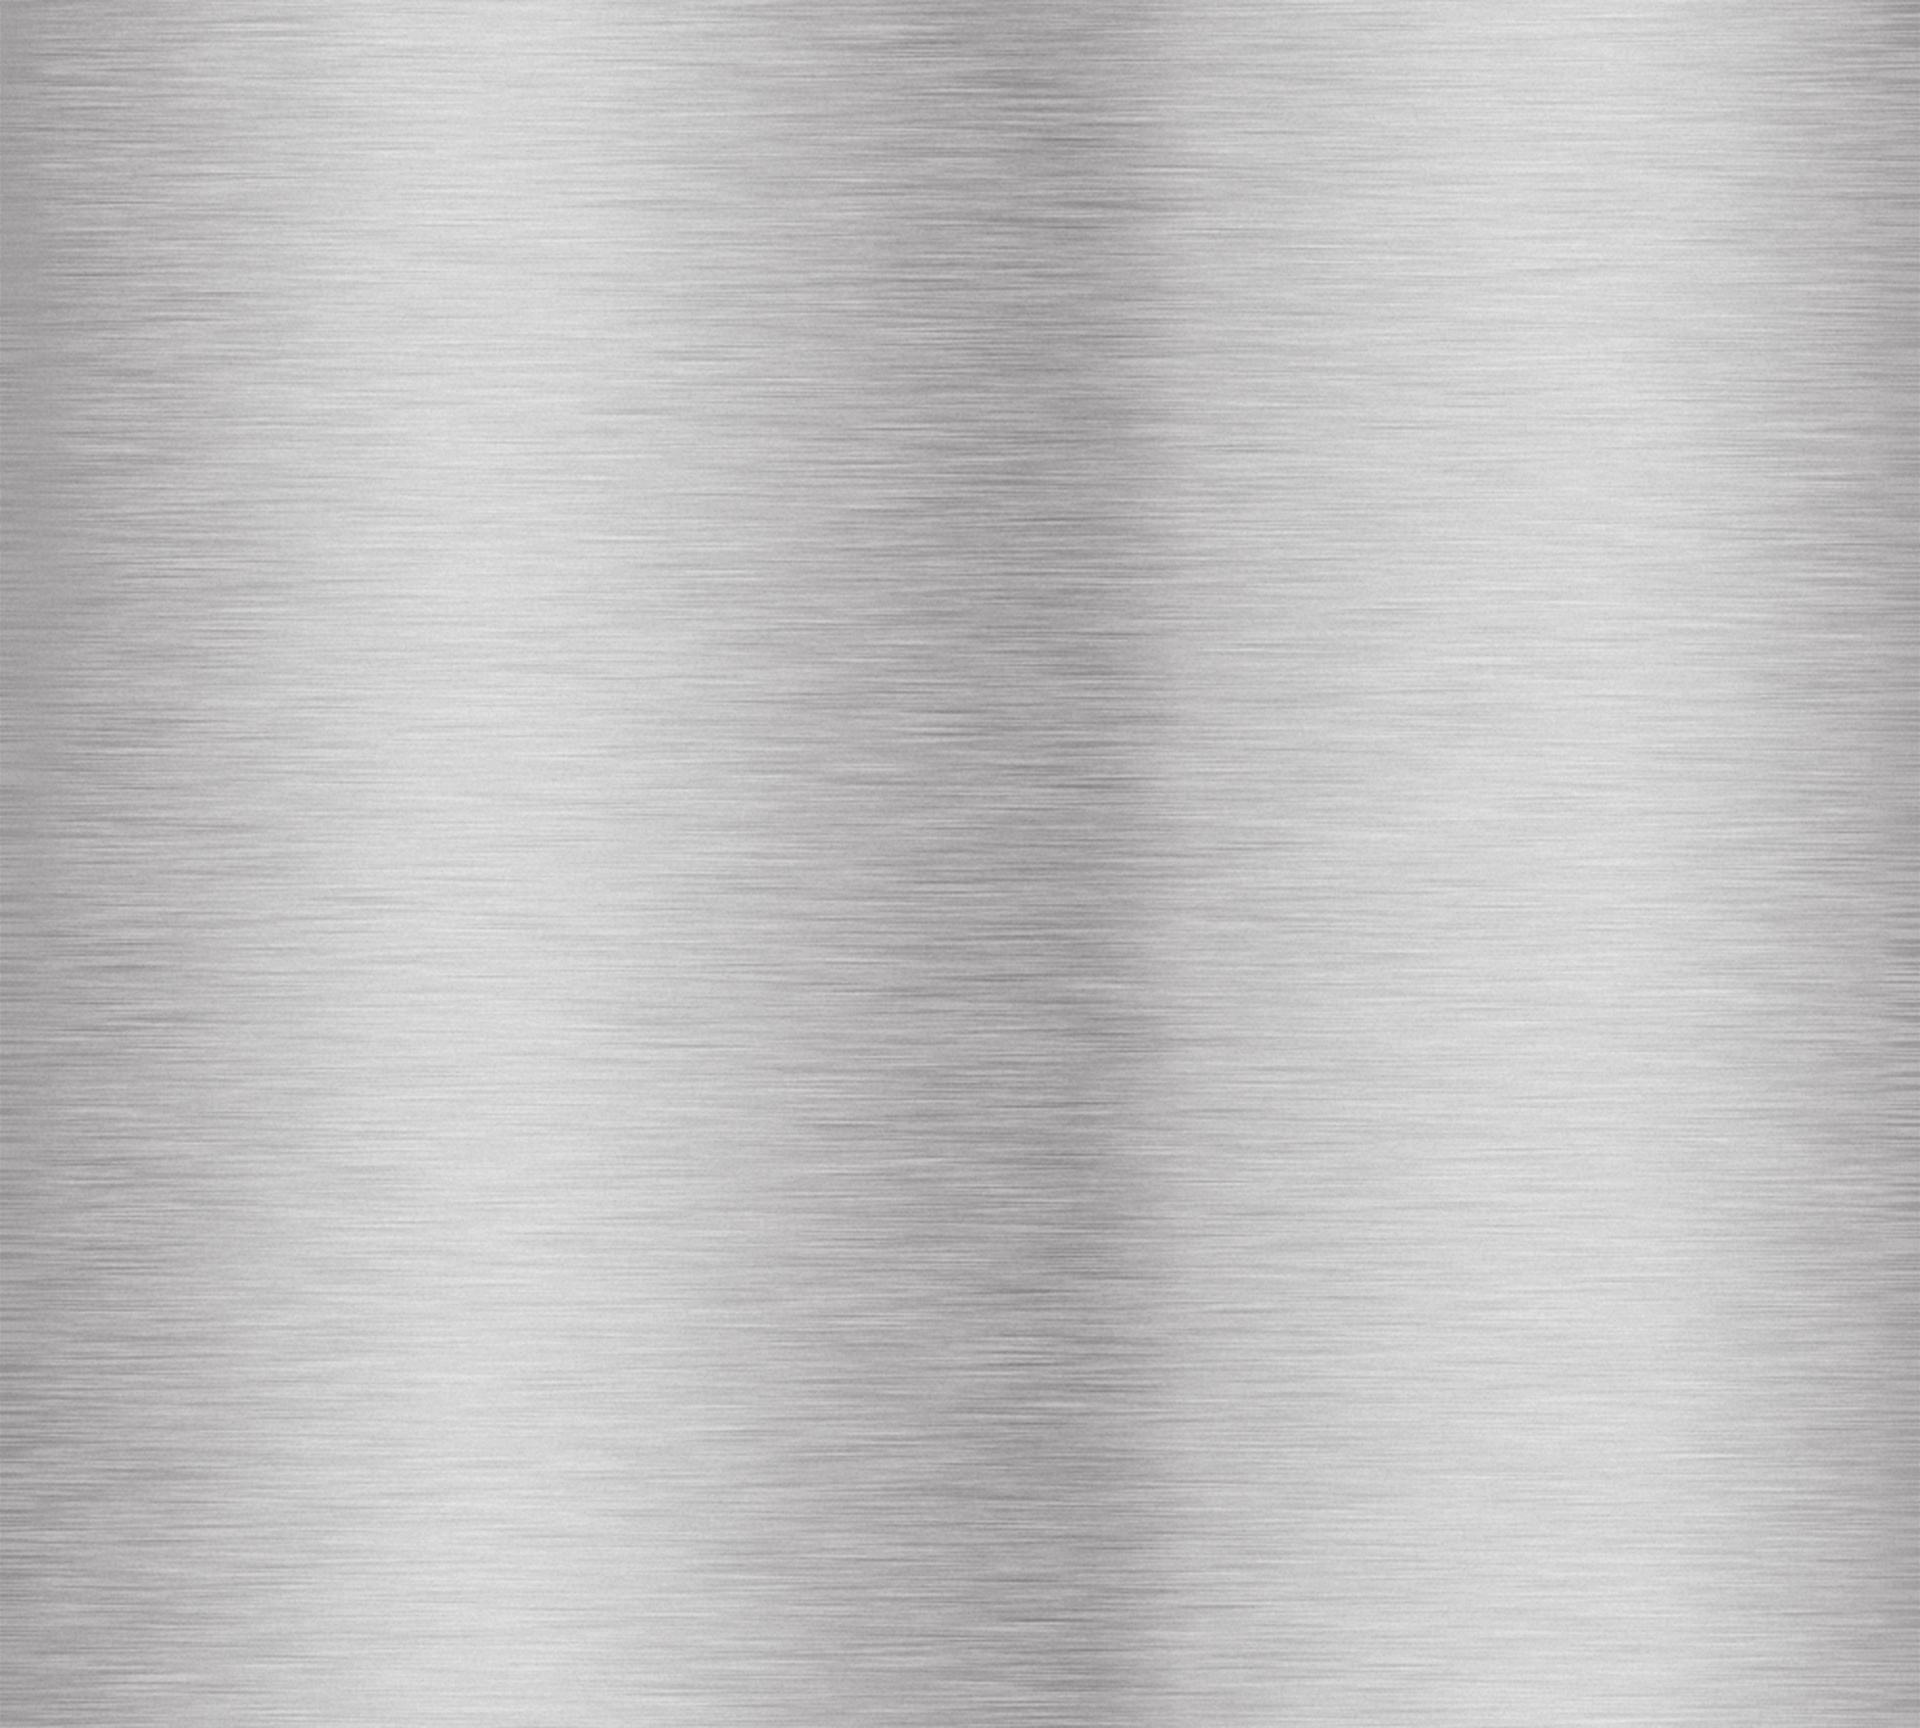 Gold Foil High Resolution Texture